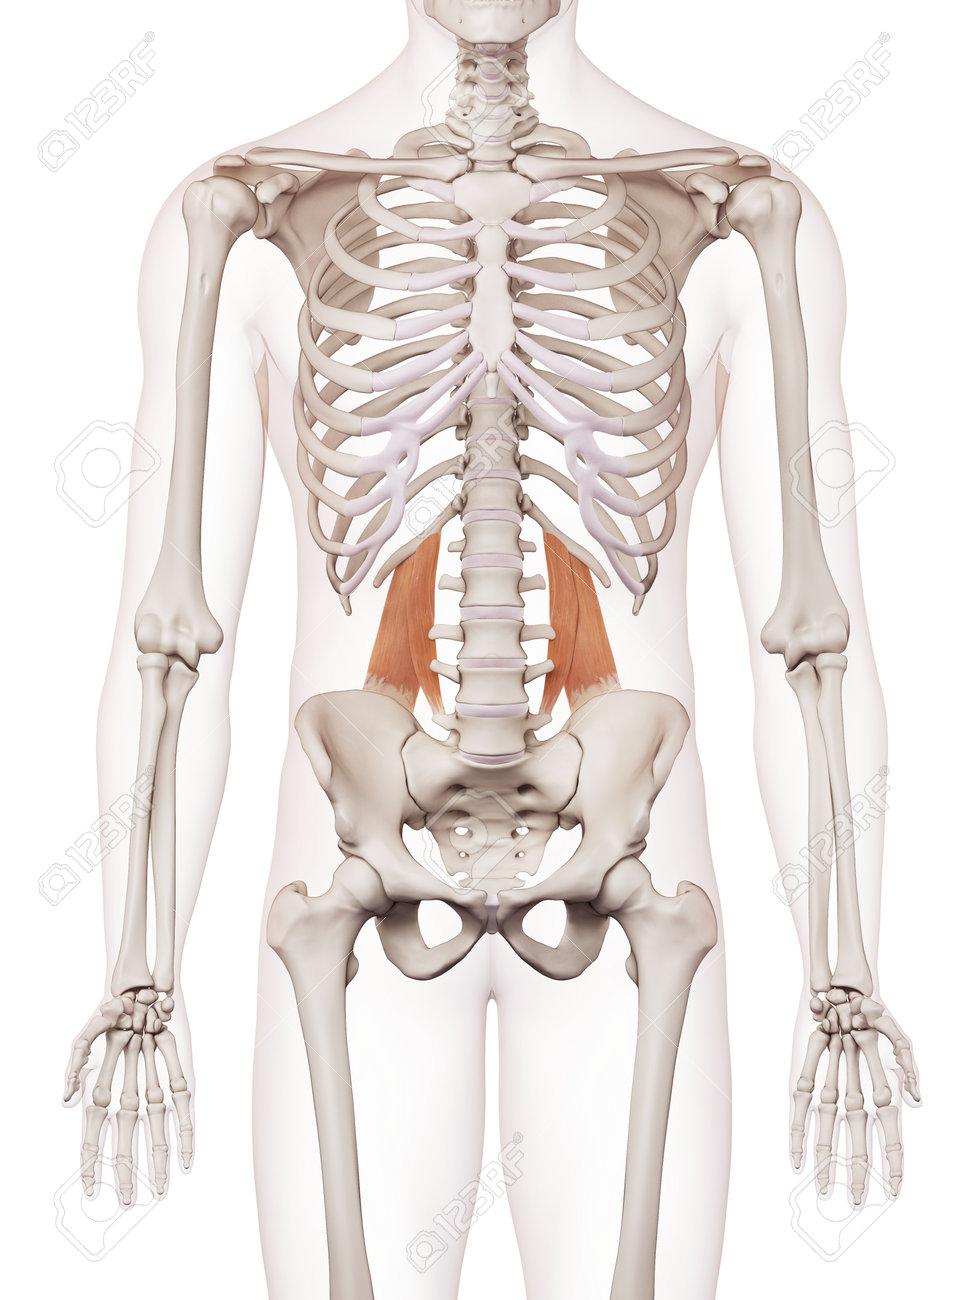 Medically Accurate Muscle Illustration Of The Quadratus Lumborum ...